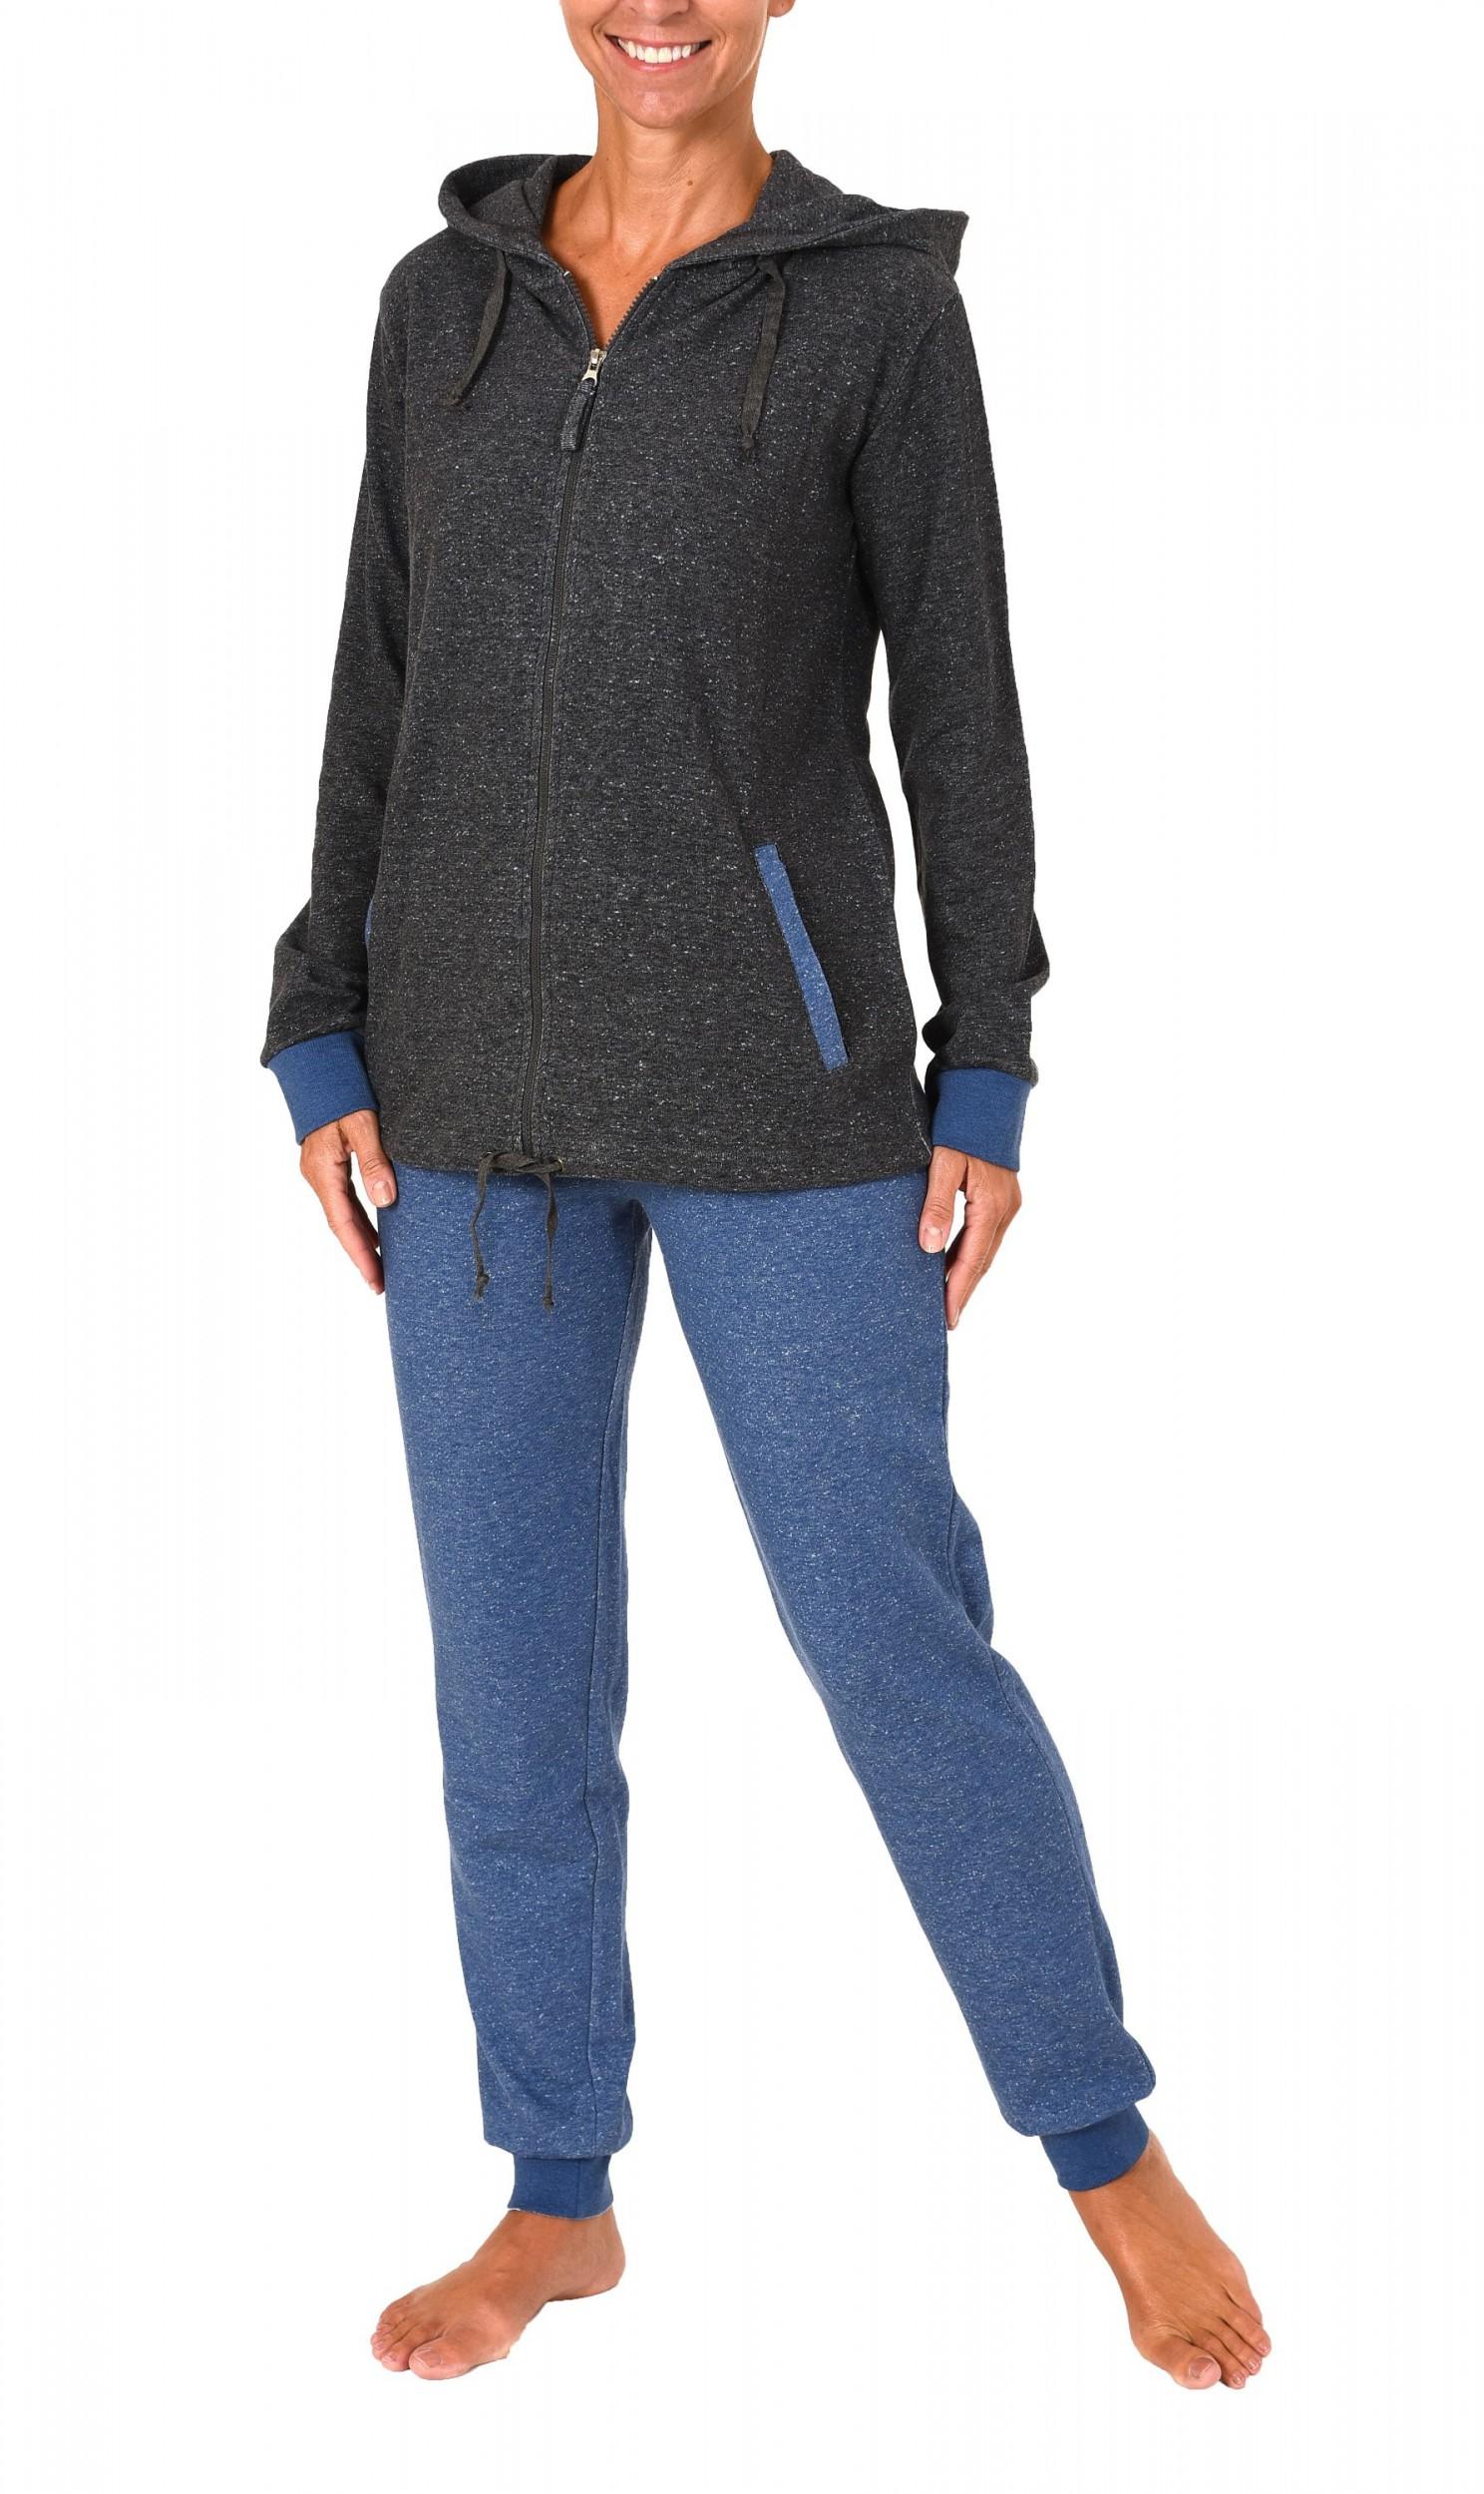 Chilliger Damen French Terry Hausanzug Homewear – auch in Übergrössen – 271 216 99 444 – Bild 2